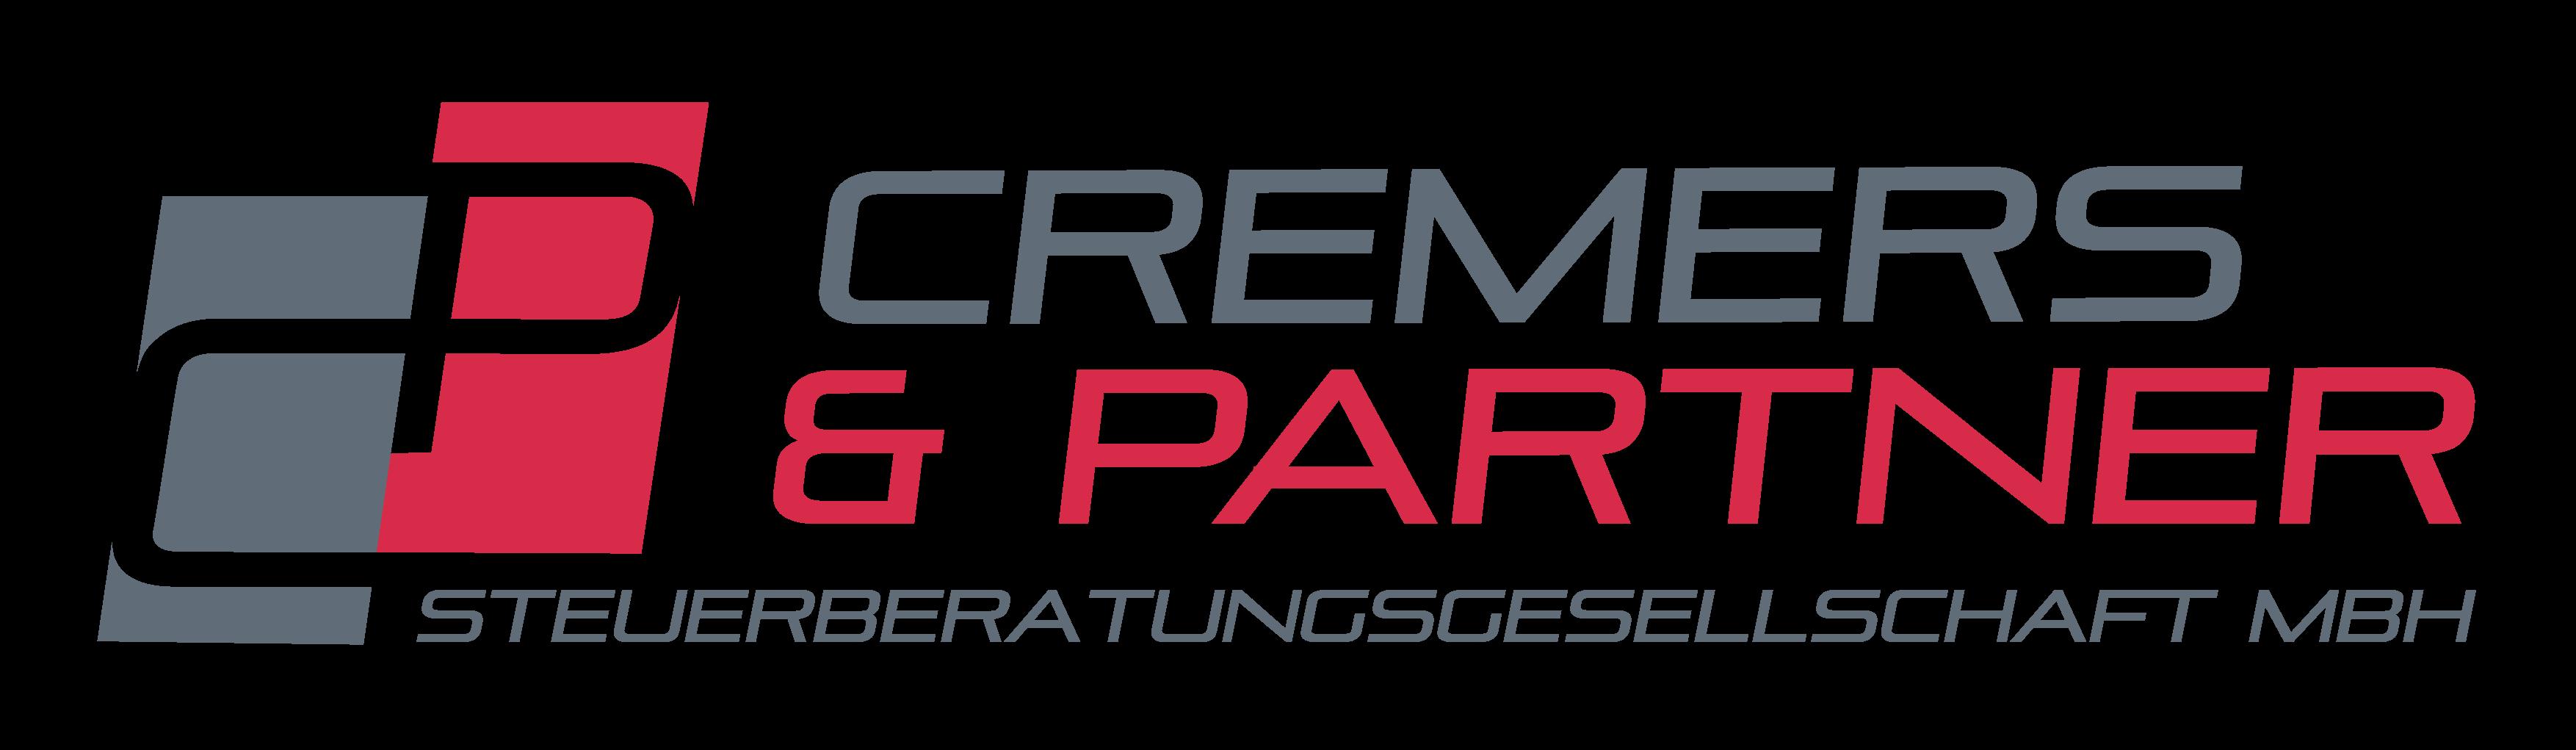 Willkommen! - Cremers & Partner